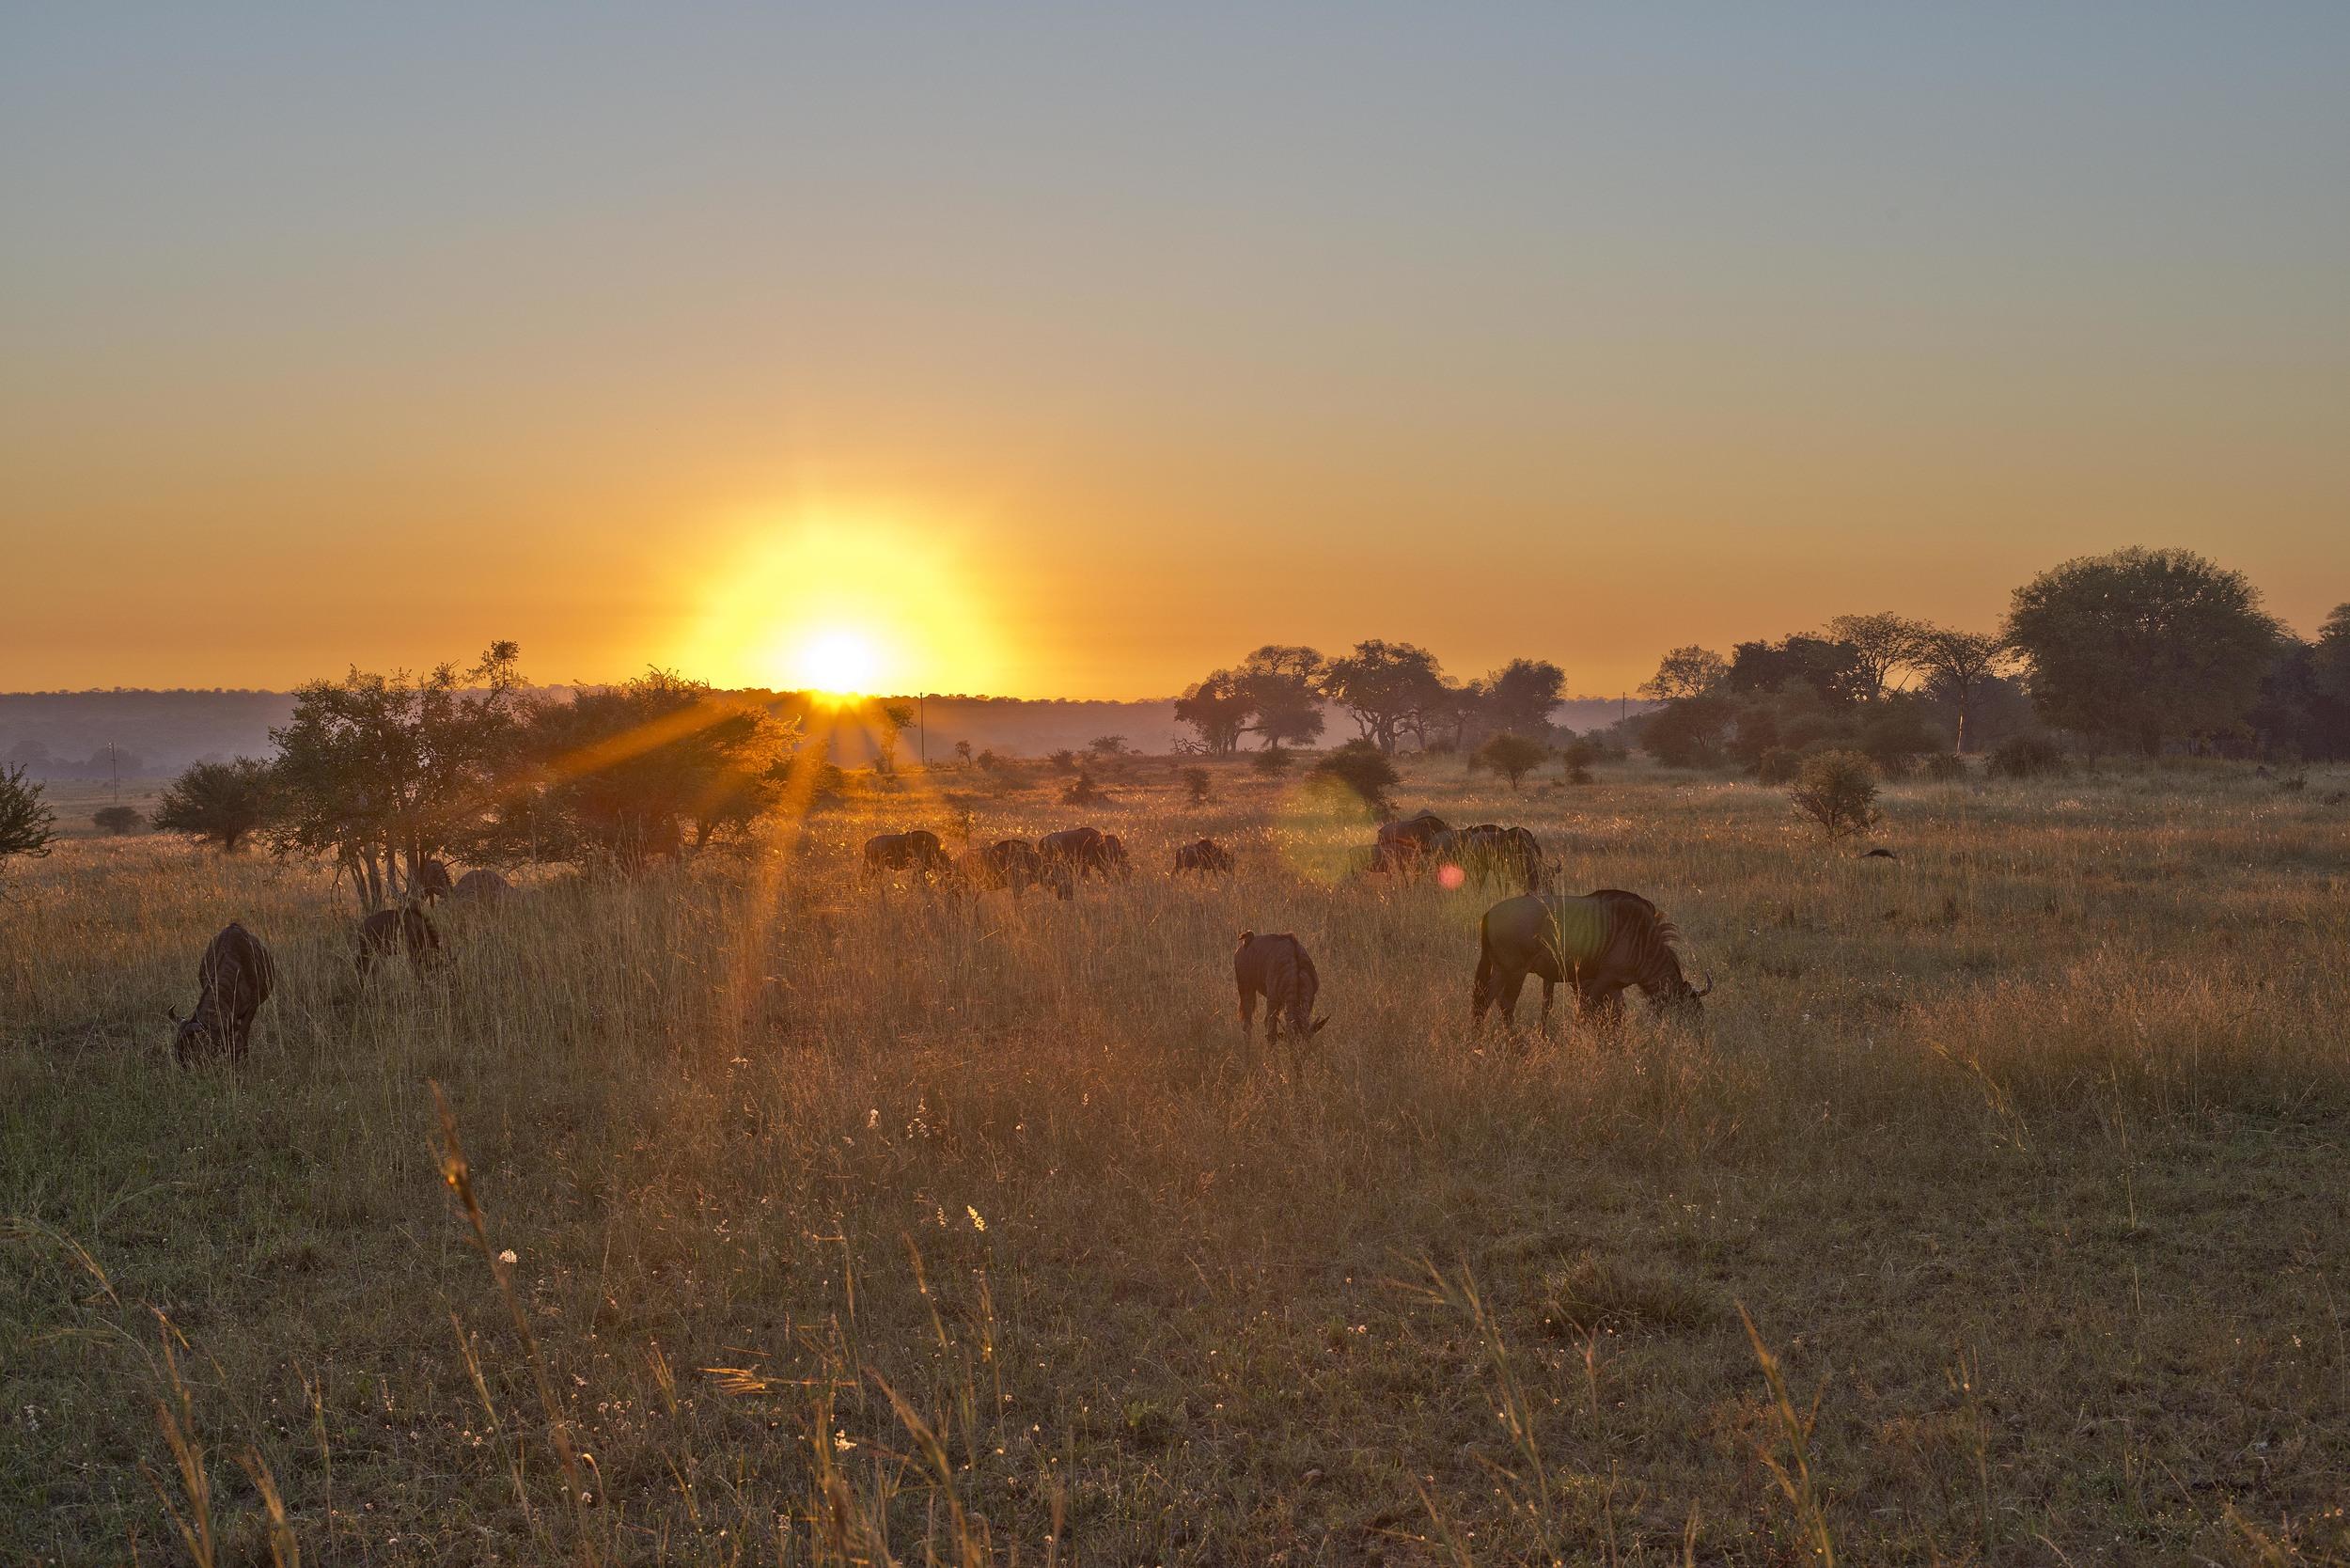 130420_DSC3535 More Wildebeest on the Bushveld at Sunrise.jpg